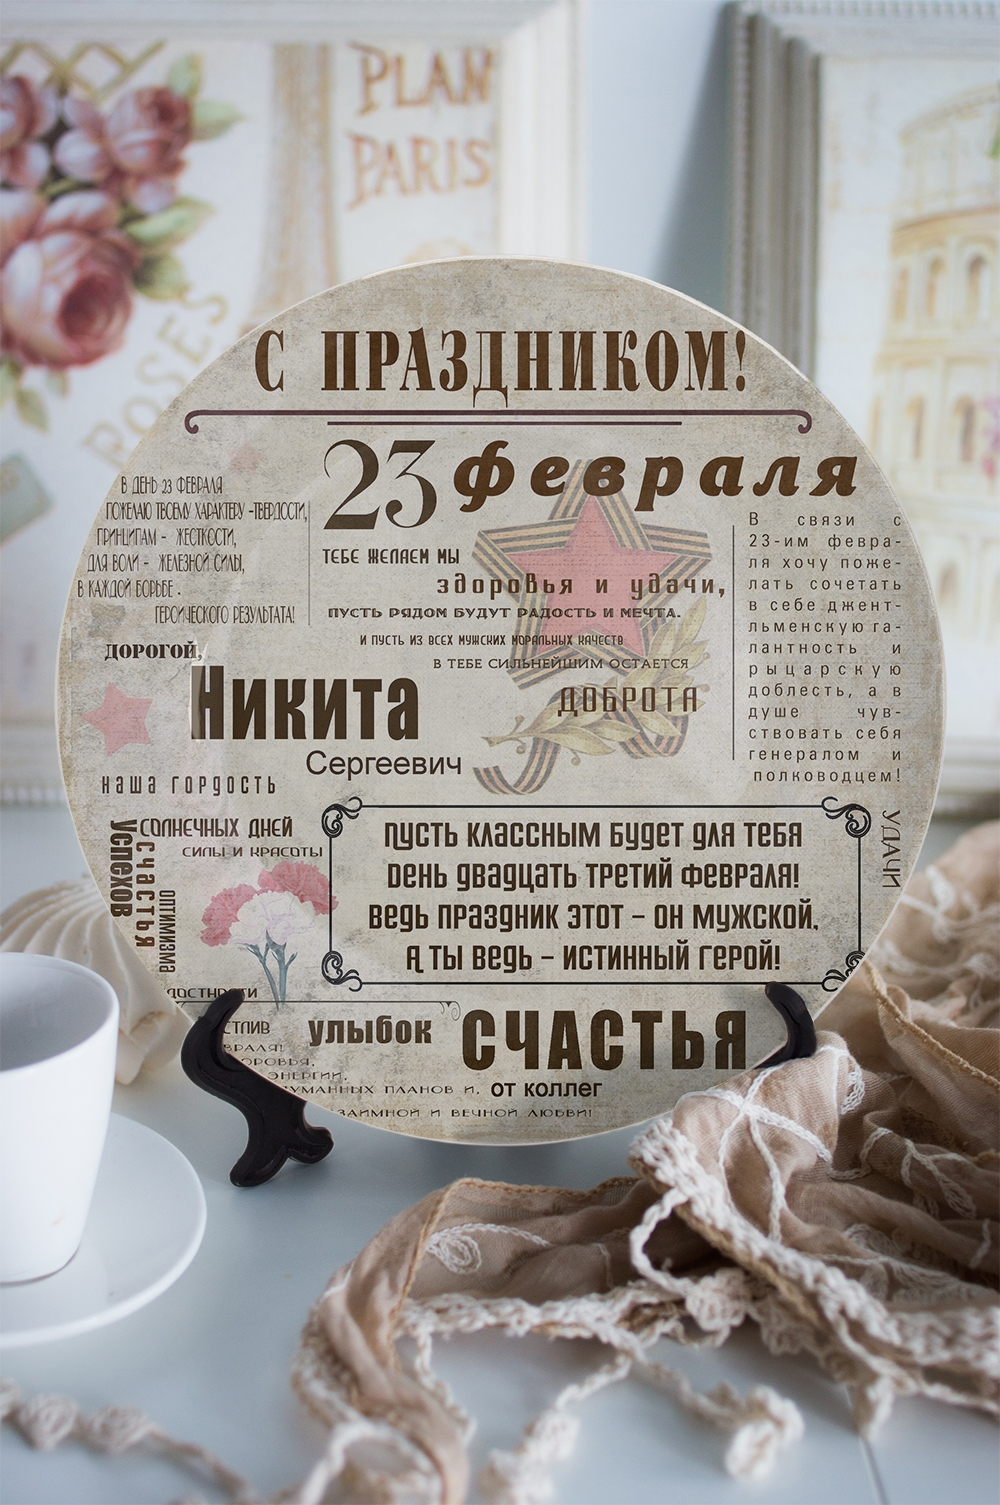 Тарелка декоративная с вашим текстом Вести 23 февраляТарелки и пиалы<br>Подарите необыкновенный сувенир с индивидуальной надписью и именем – такая декоративная тарелка станет эксклюзивным украшением для интерьера и незабываемым подарком! Выберите понравившийся фон, впишите любимую фразу, имя получателя. Диаметр 20см<br>